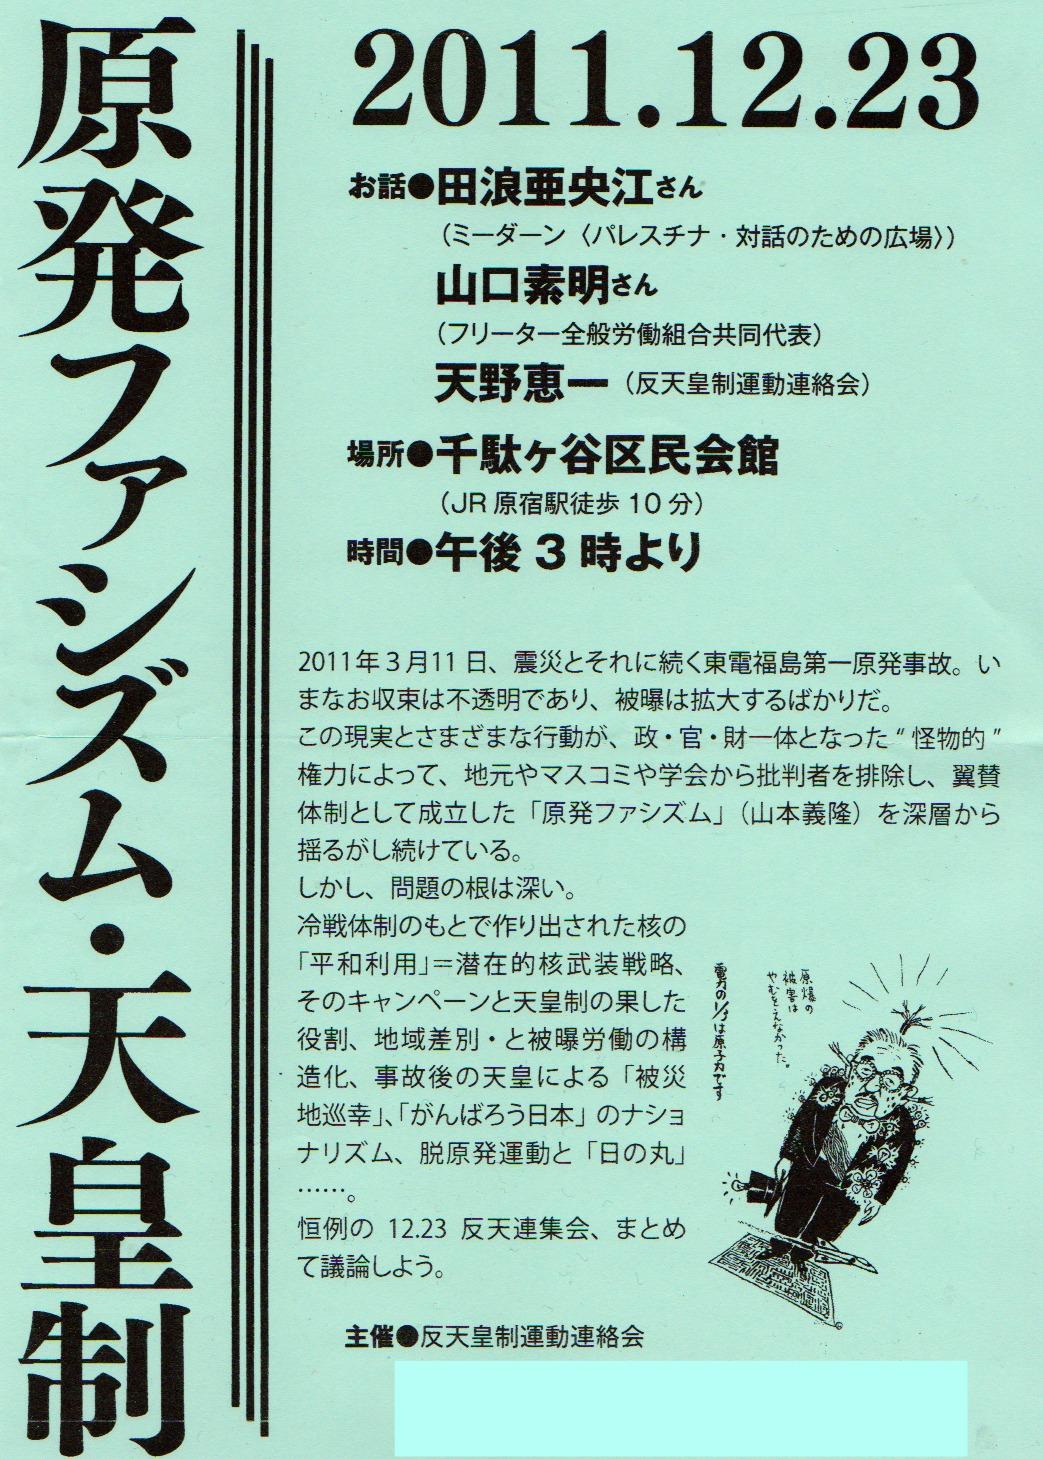 反天連(反天皇制運動連絡会)ブログ: 12・23 反天連集会――原発フ... 反天連(反天皇制運